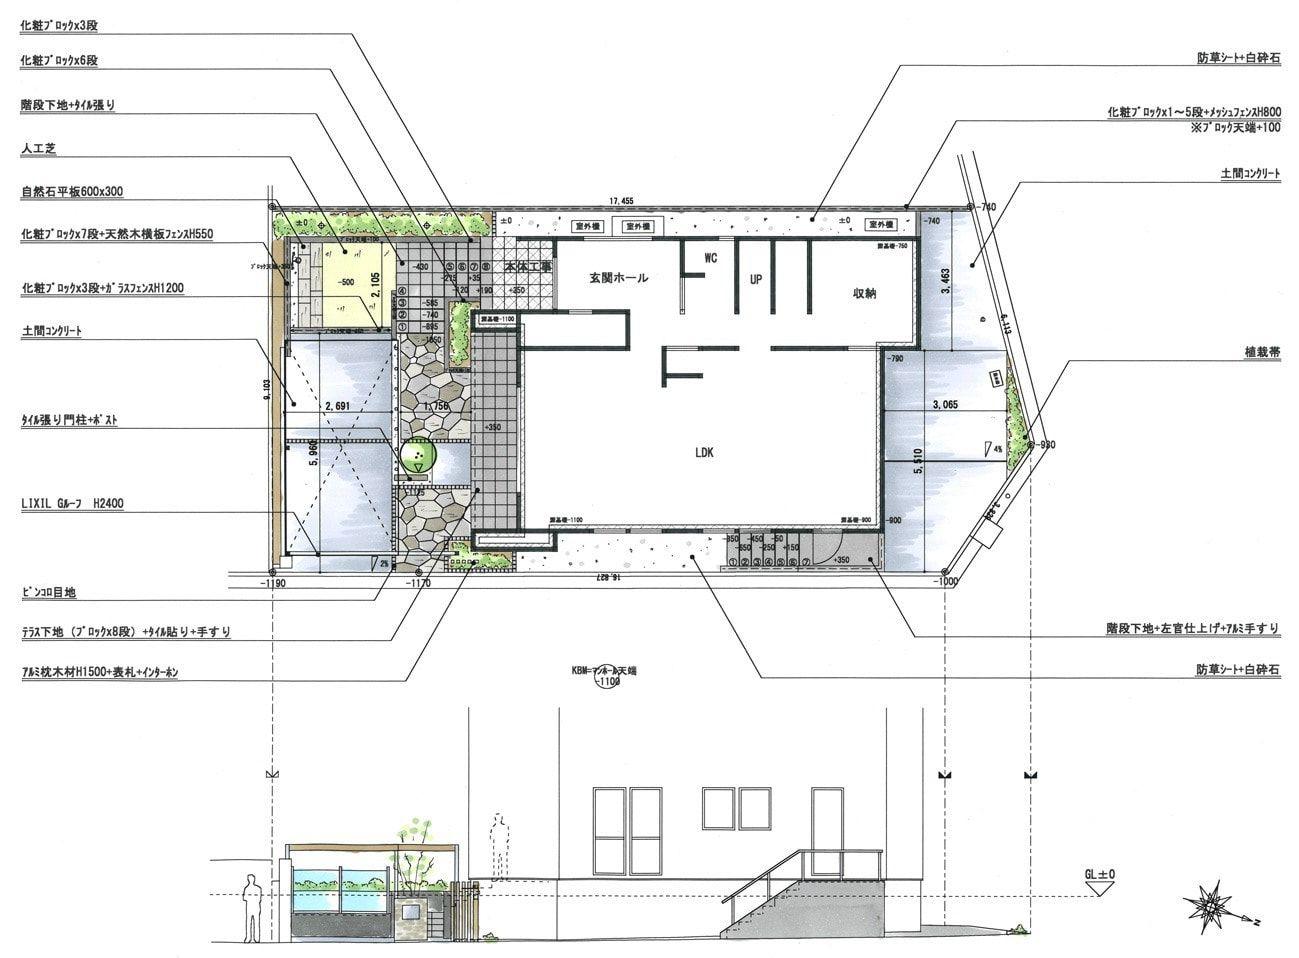 エクステリア 外構の平面図と立面図です 近年 カーポート屋根は